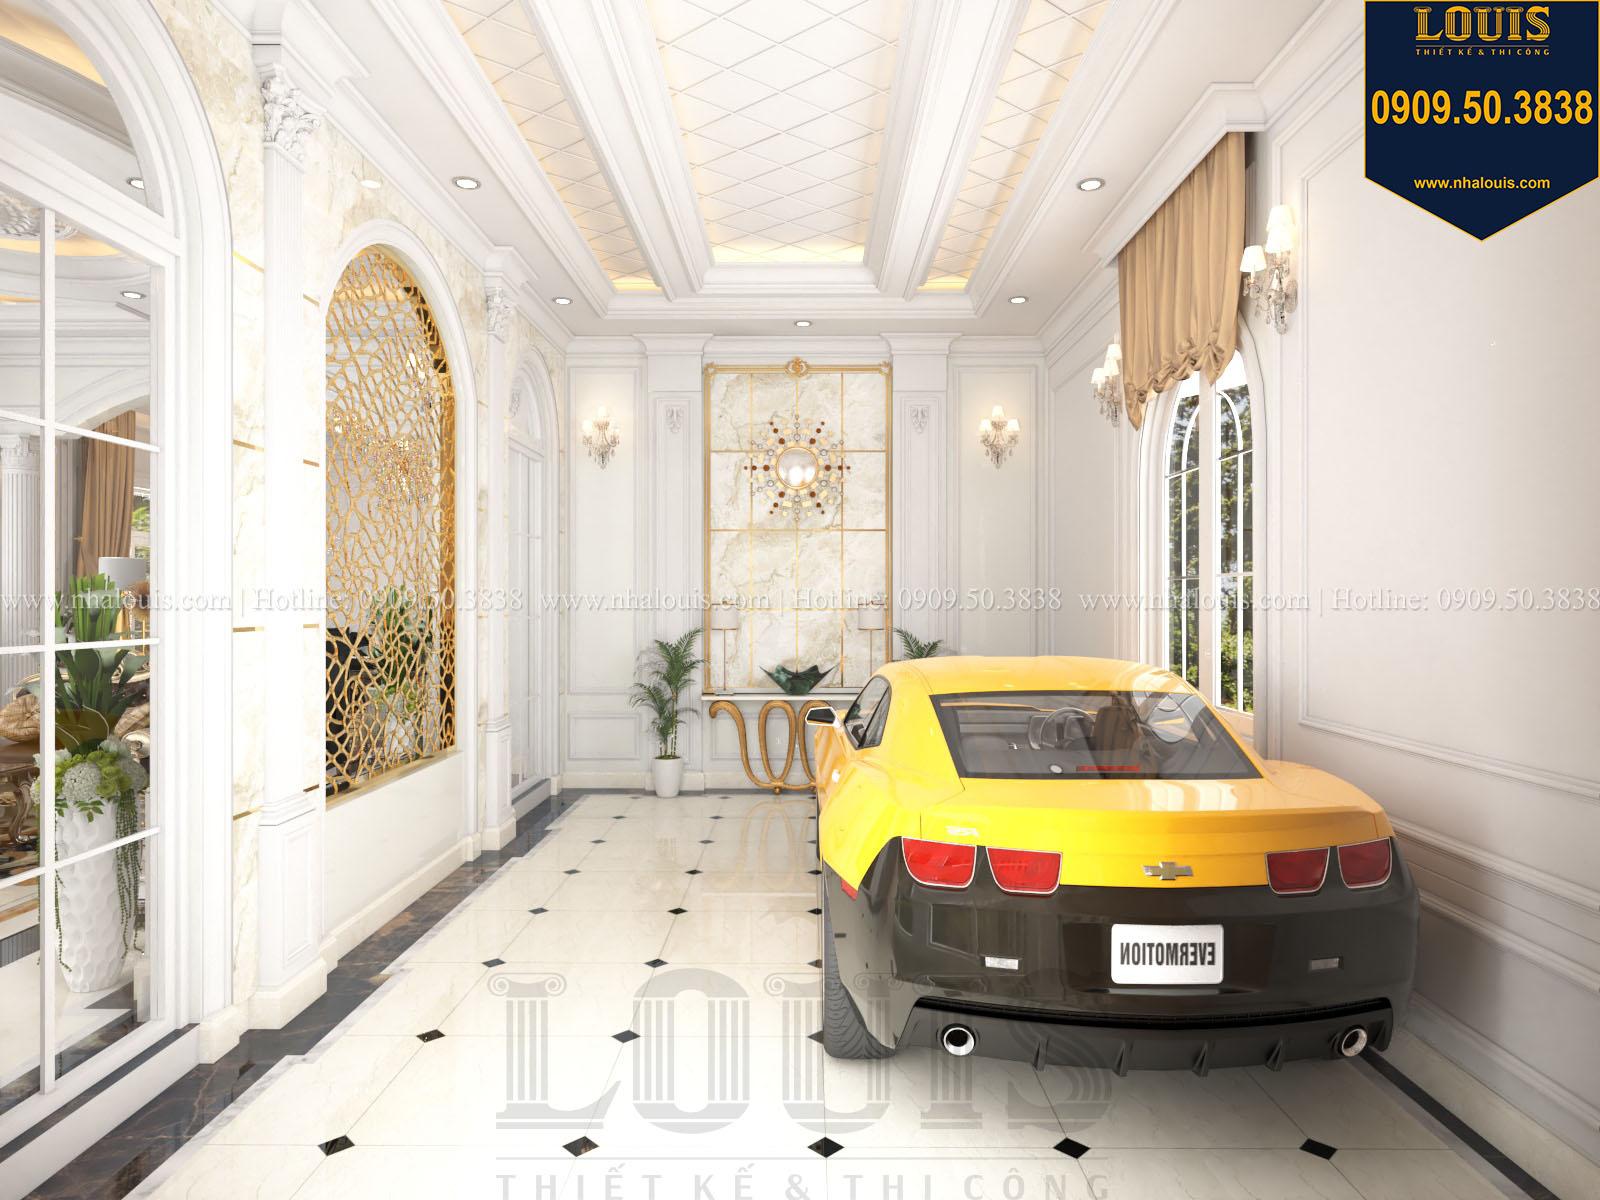 Gara biệt thự 2 tầng đẹp - 012